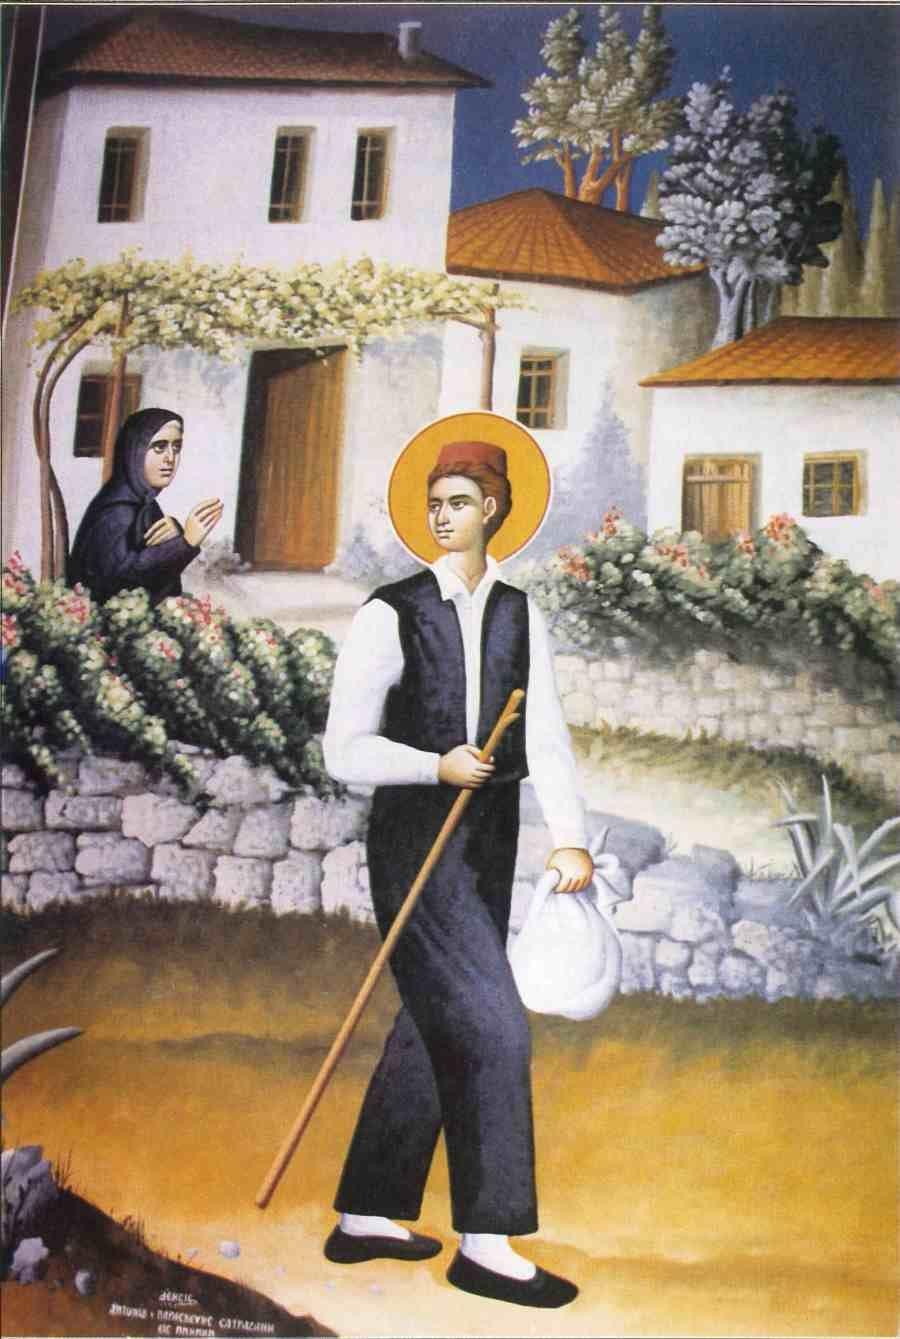 Το κήρυγμα του Μητροπολίτη Ιουστίνου για τον Αγιο Αργυριο τον Επανομίτη (ΒΙΝΤΕΟ)